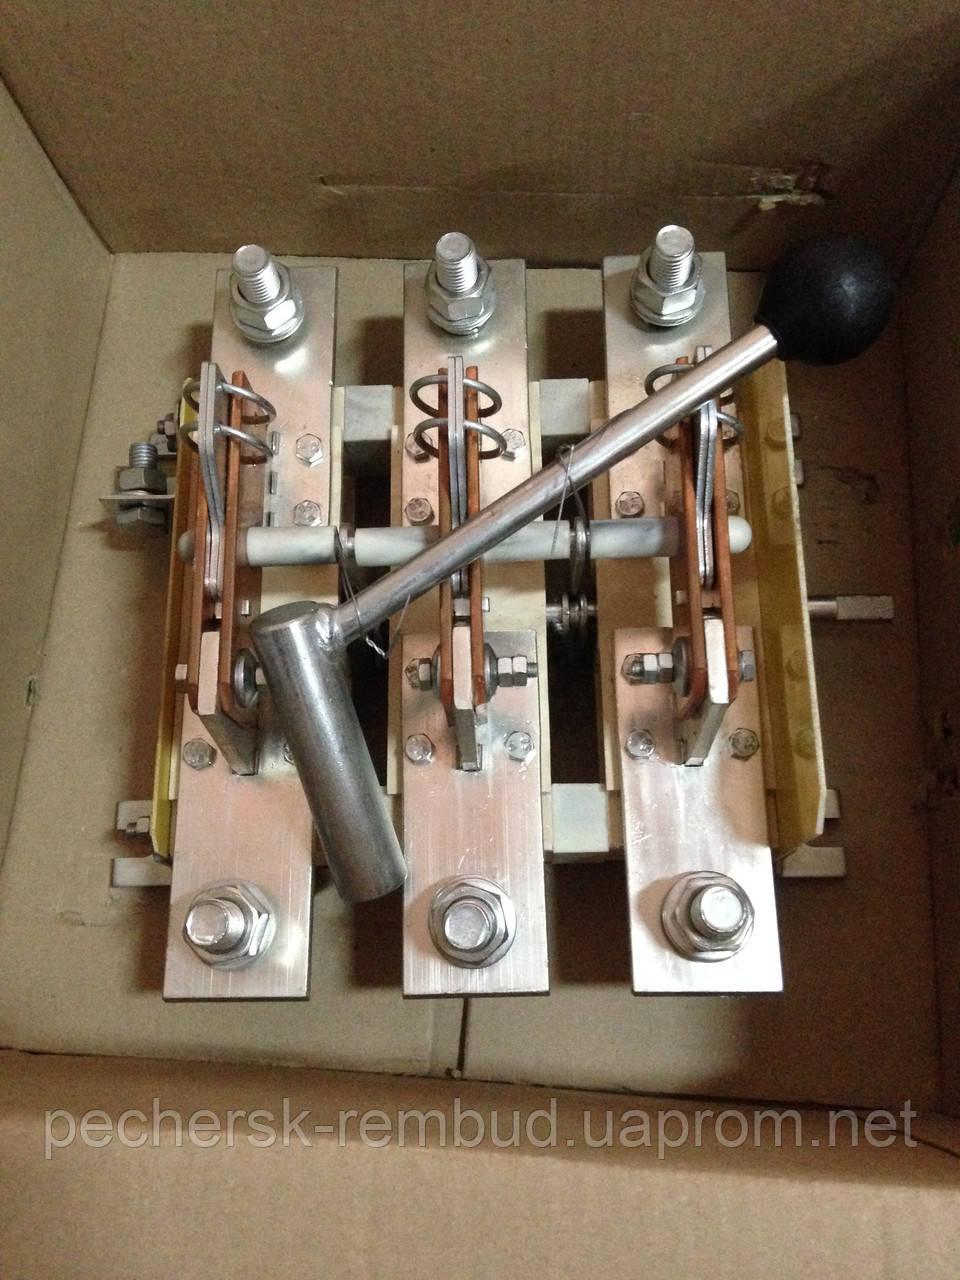 Рубильник РЕ 1935 311500 250А с правой смещенной рукояткой